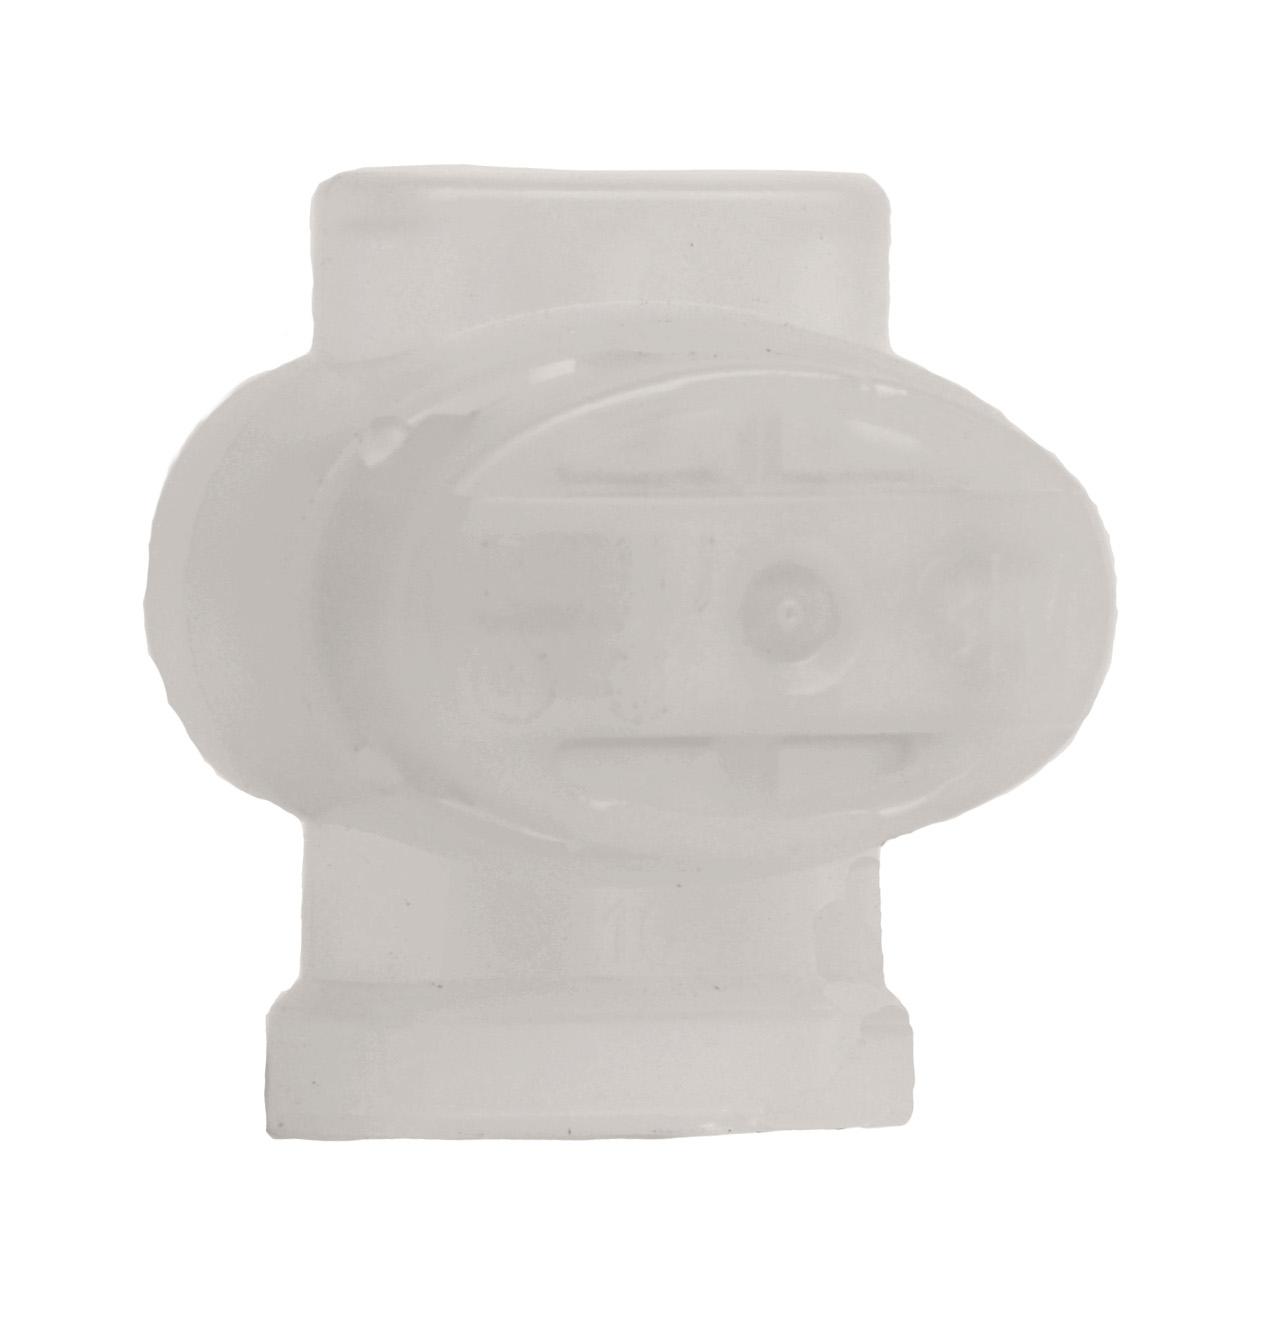 22-14 White IDC (3M 314U)